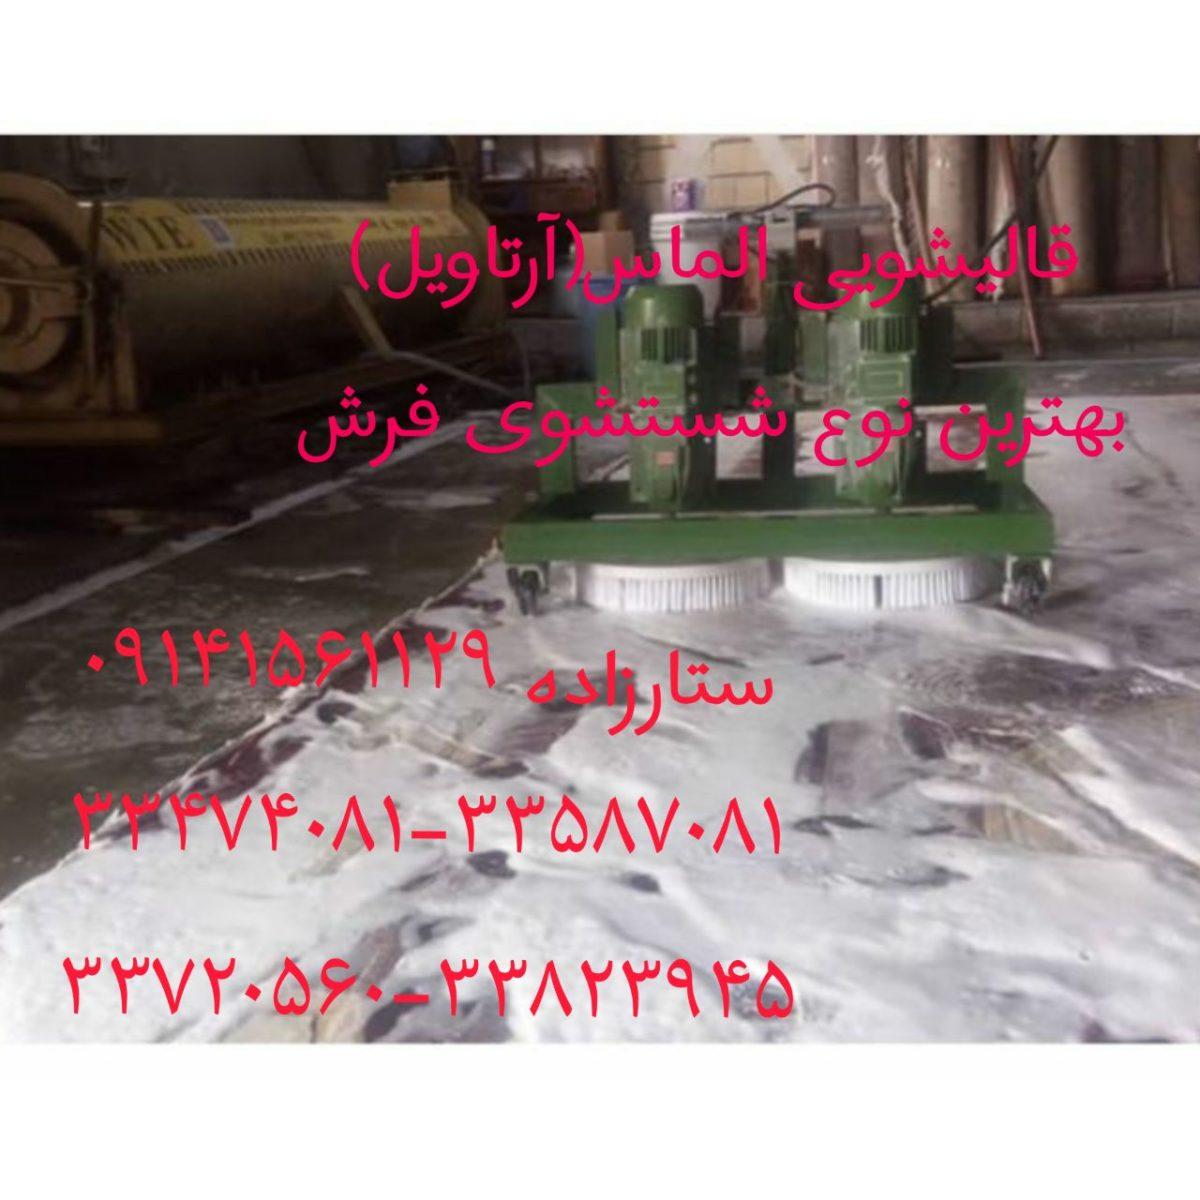 قالیشویی و مبل شویی الماس (آرتاویل)